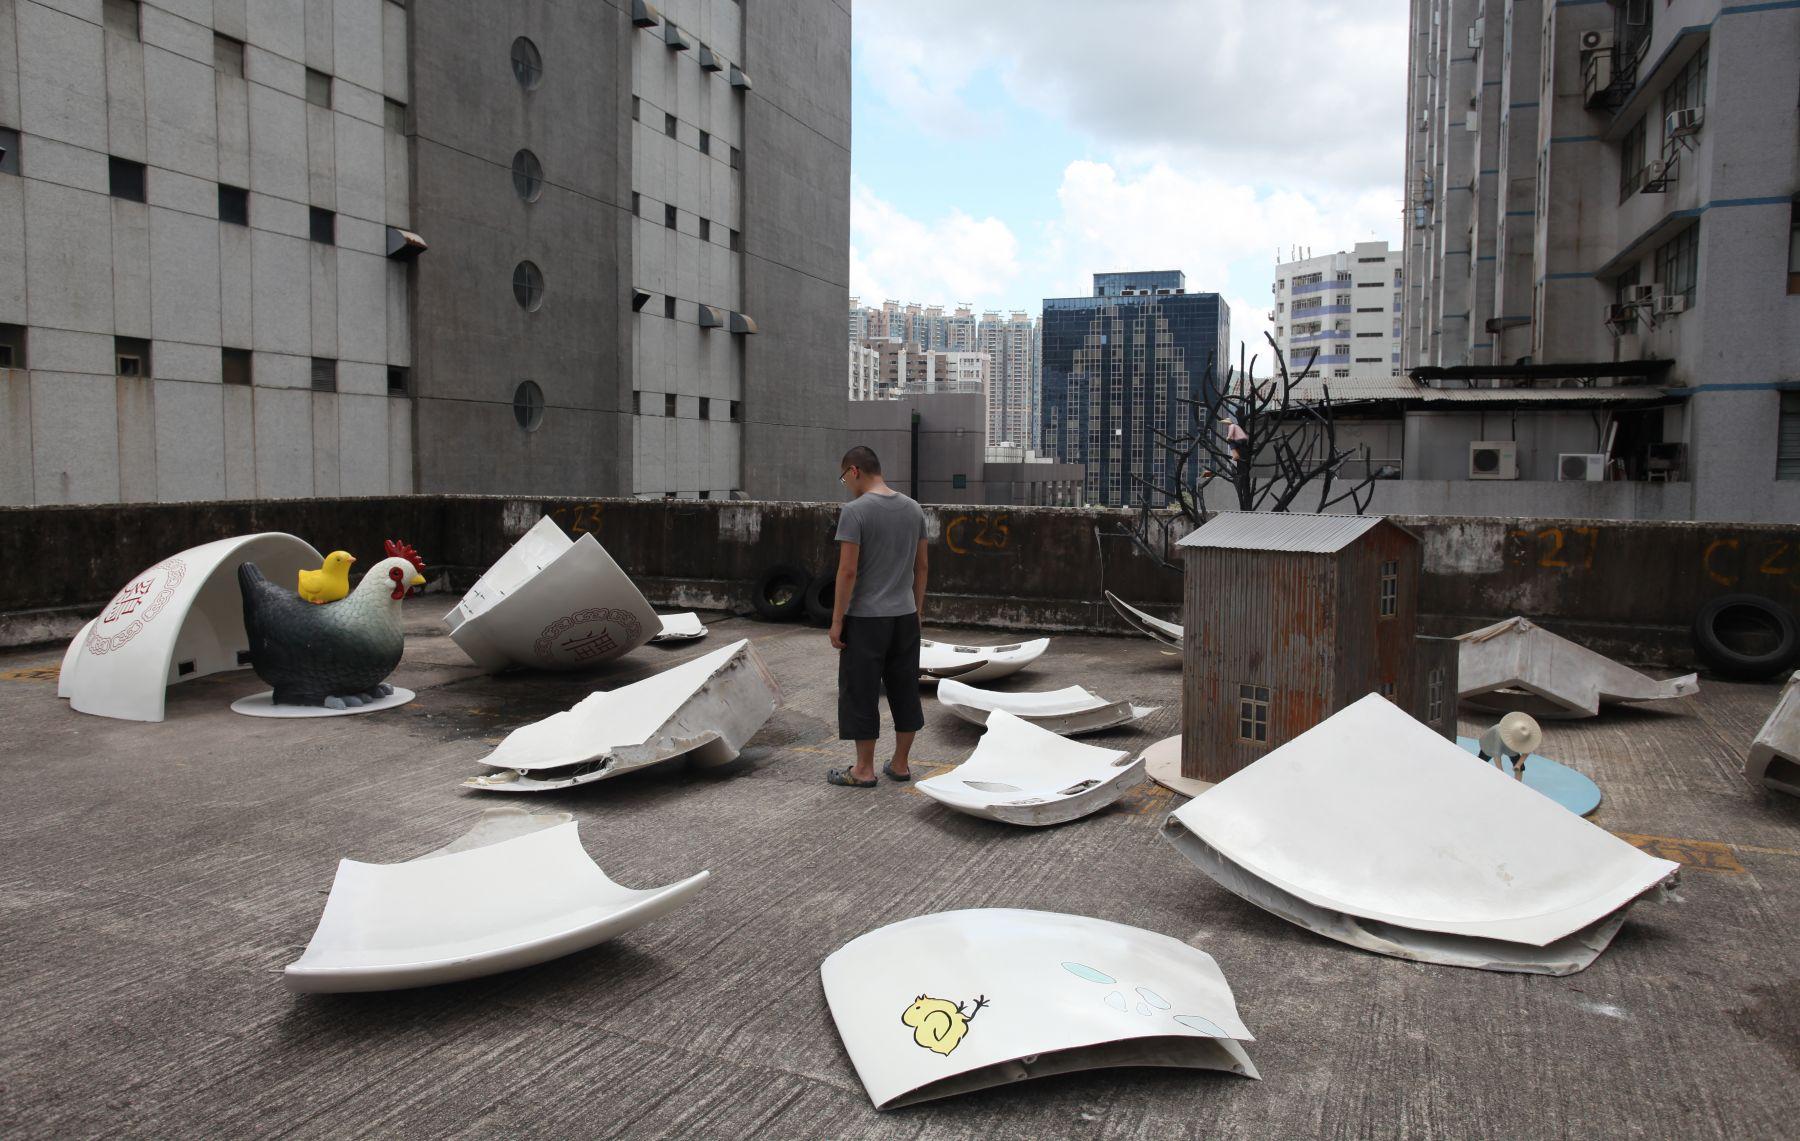 """Being disappeared -Disappeared Hong Kong Art (3)è¢«æ¶ˆå¤±ï¼æ¶ˆå¤±çš""""香港藝術 (三)"""